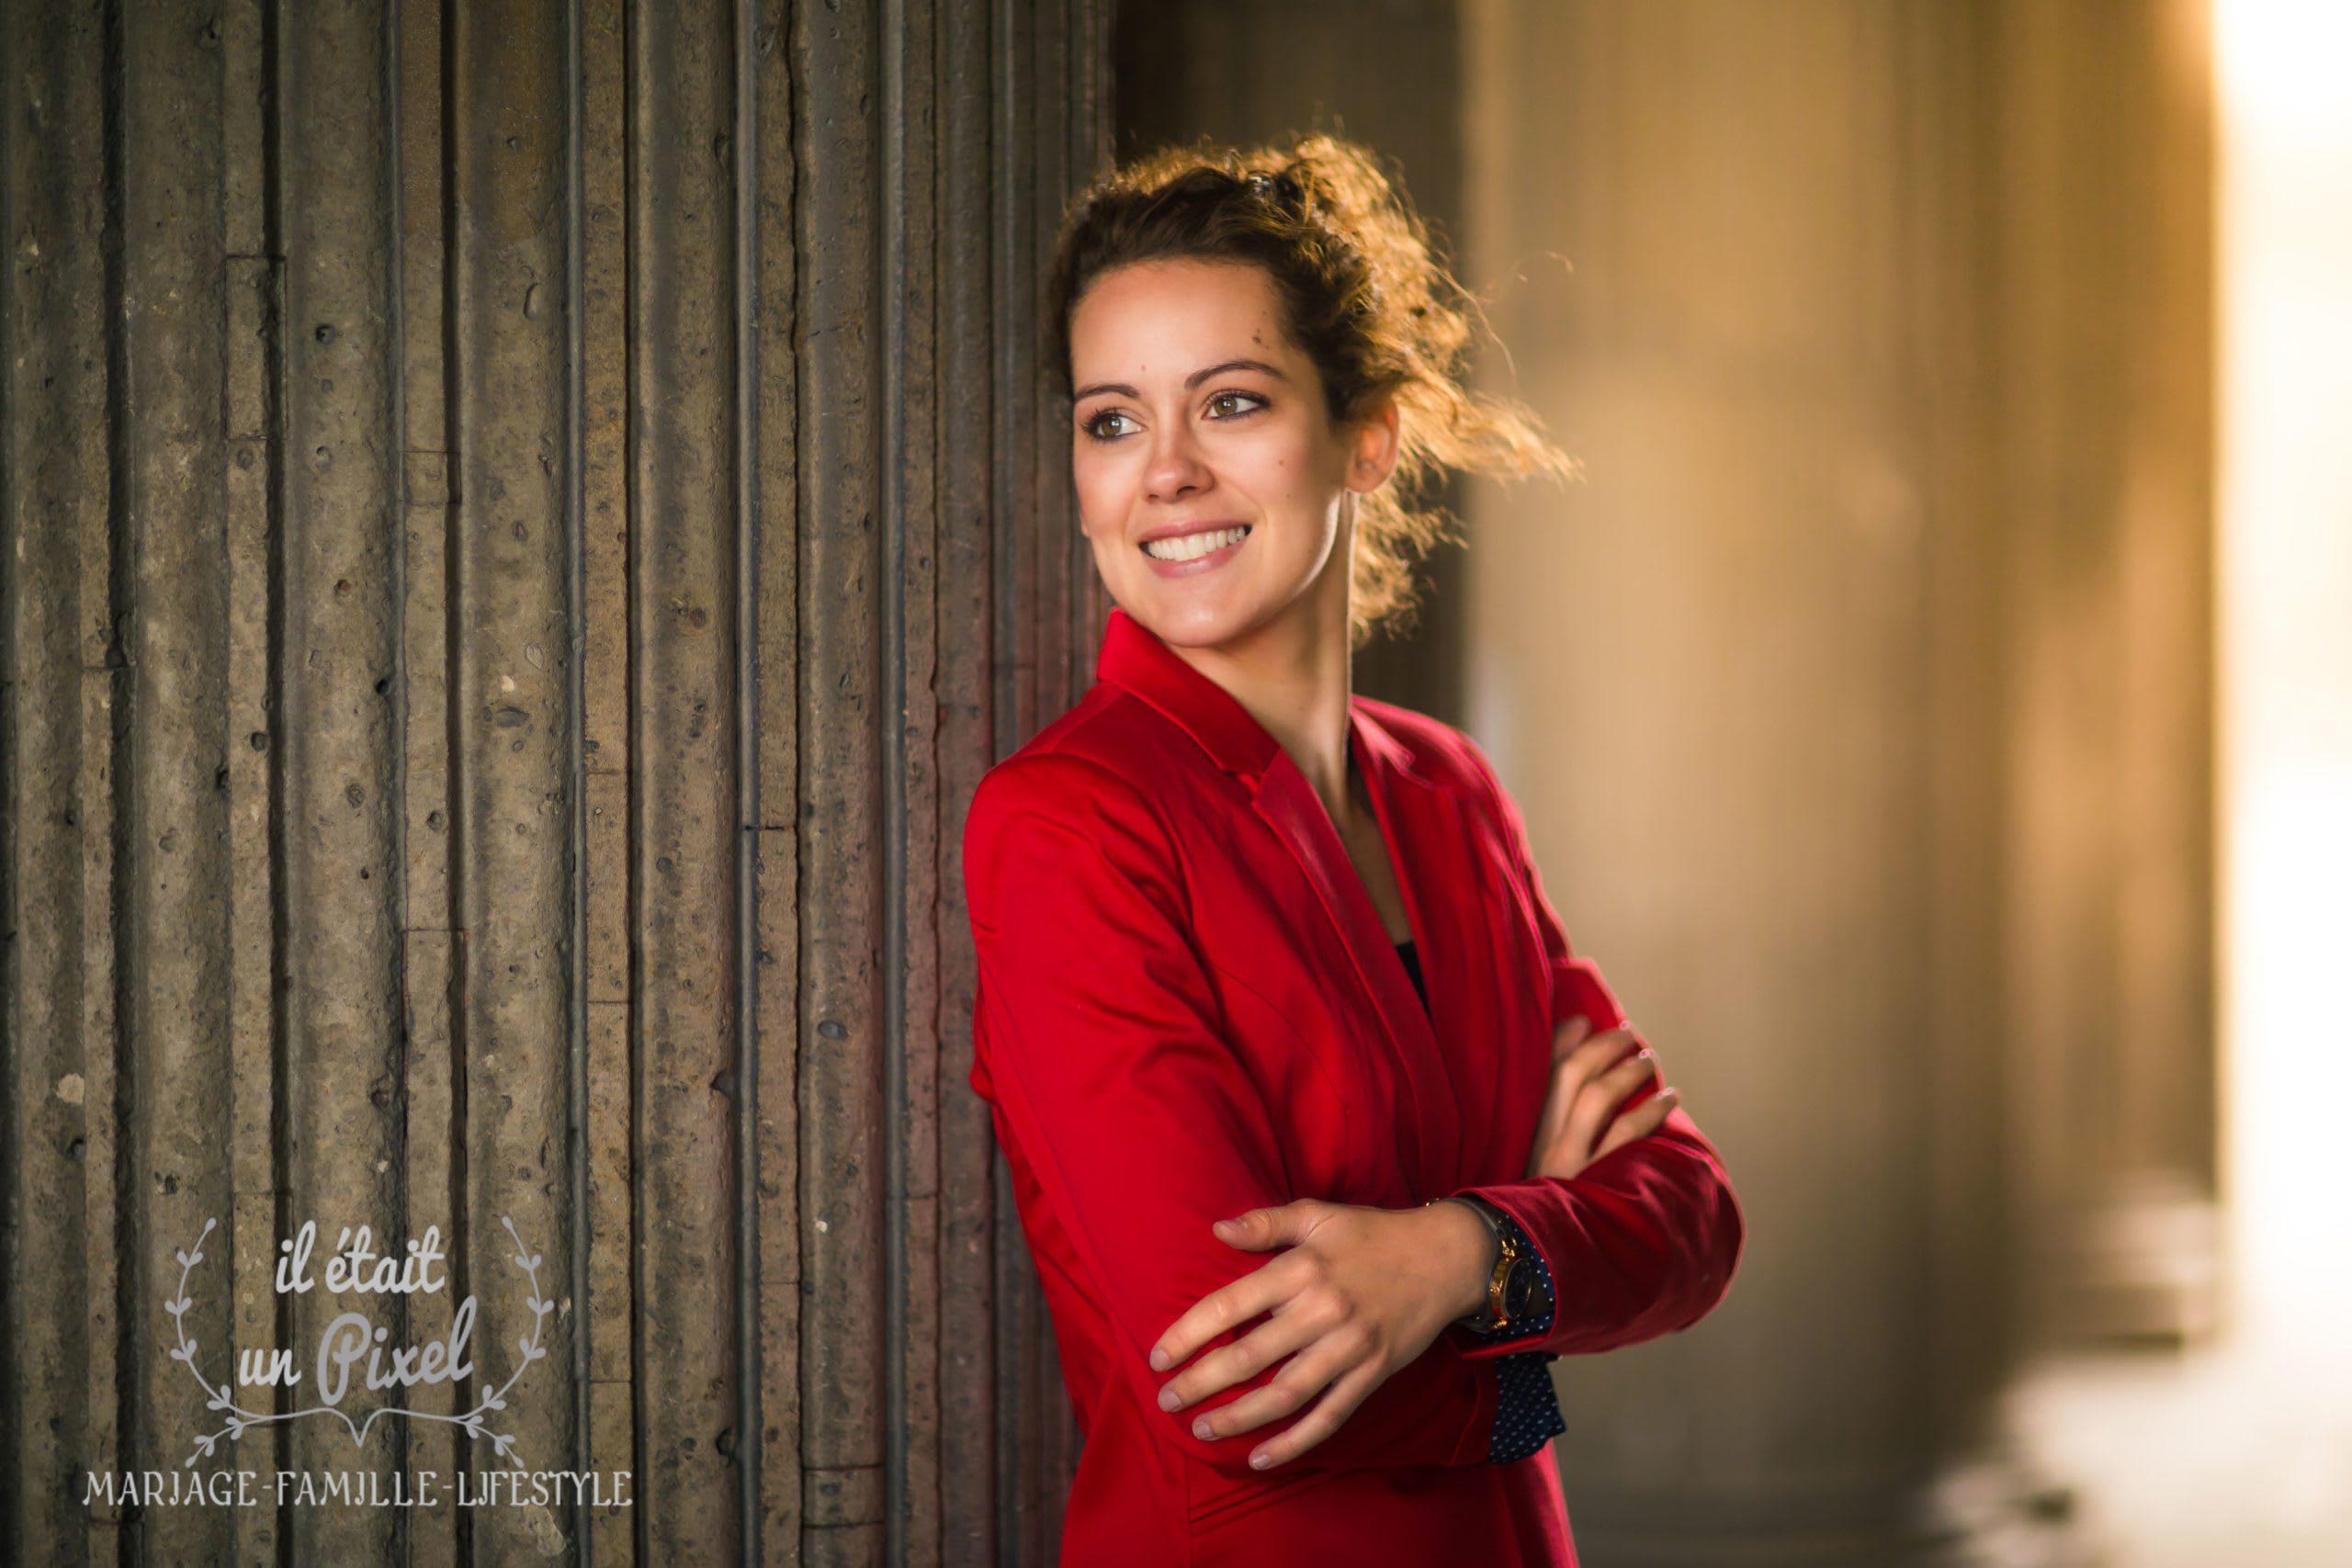 Angélique, fondatrice de l'agence Evidemment Events, Wedding Planner éco-responsable à Lyon répond à nos questions